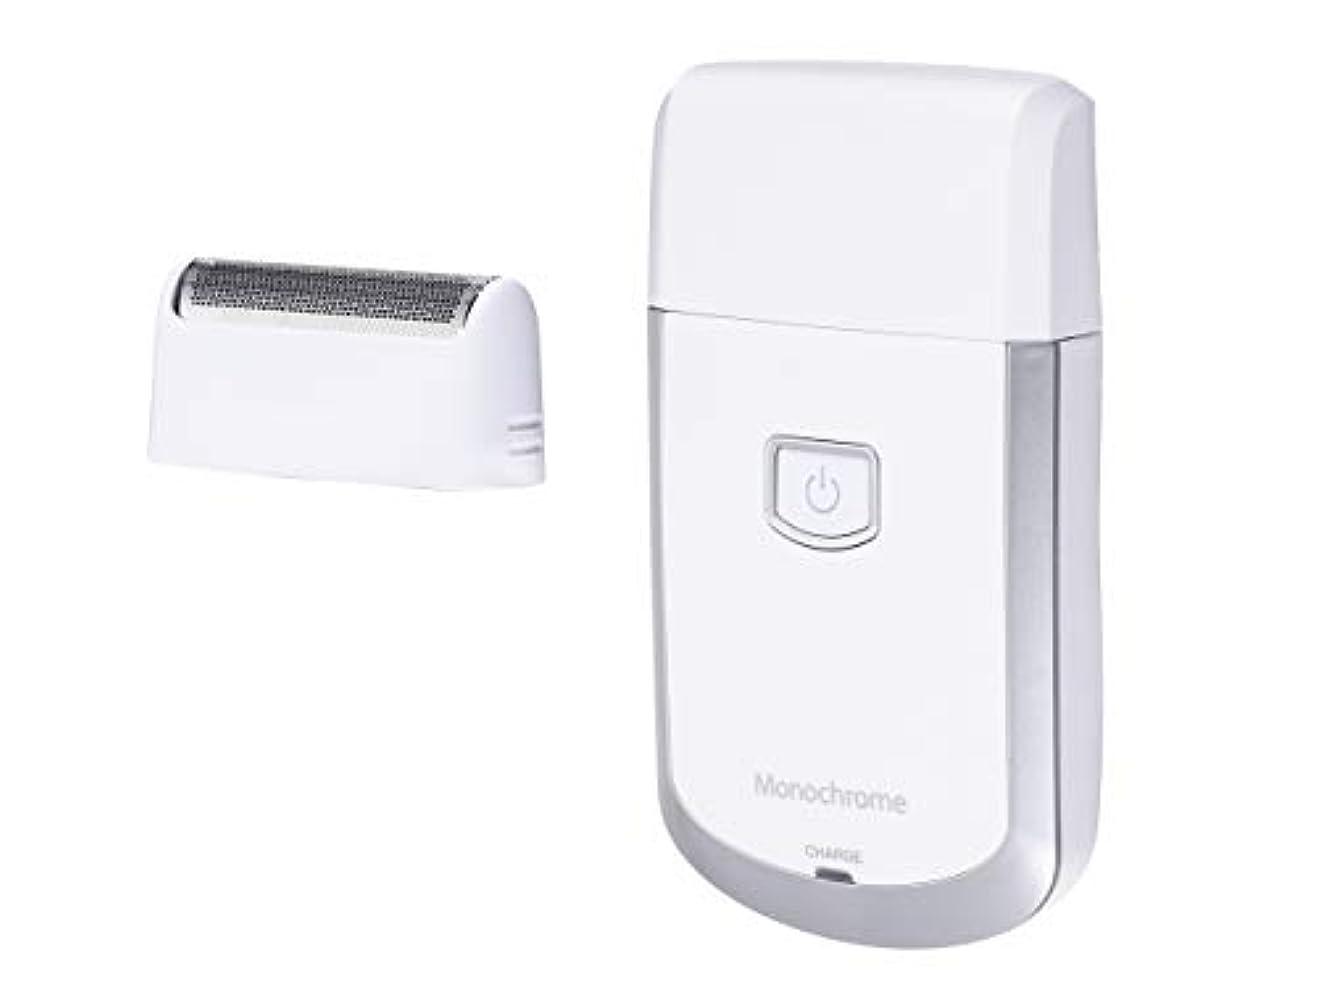 海嶺エージェントピストルモノクローム メンズシェーバー USB充電式 往復式 ホワイト MAM-0500/W [Amazon限定ブランド]